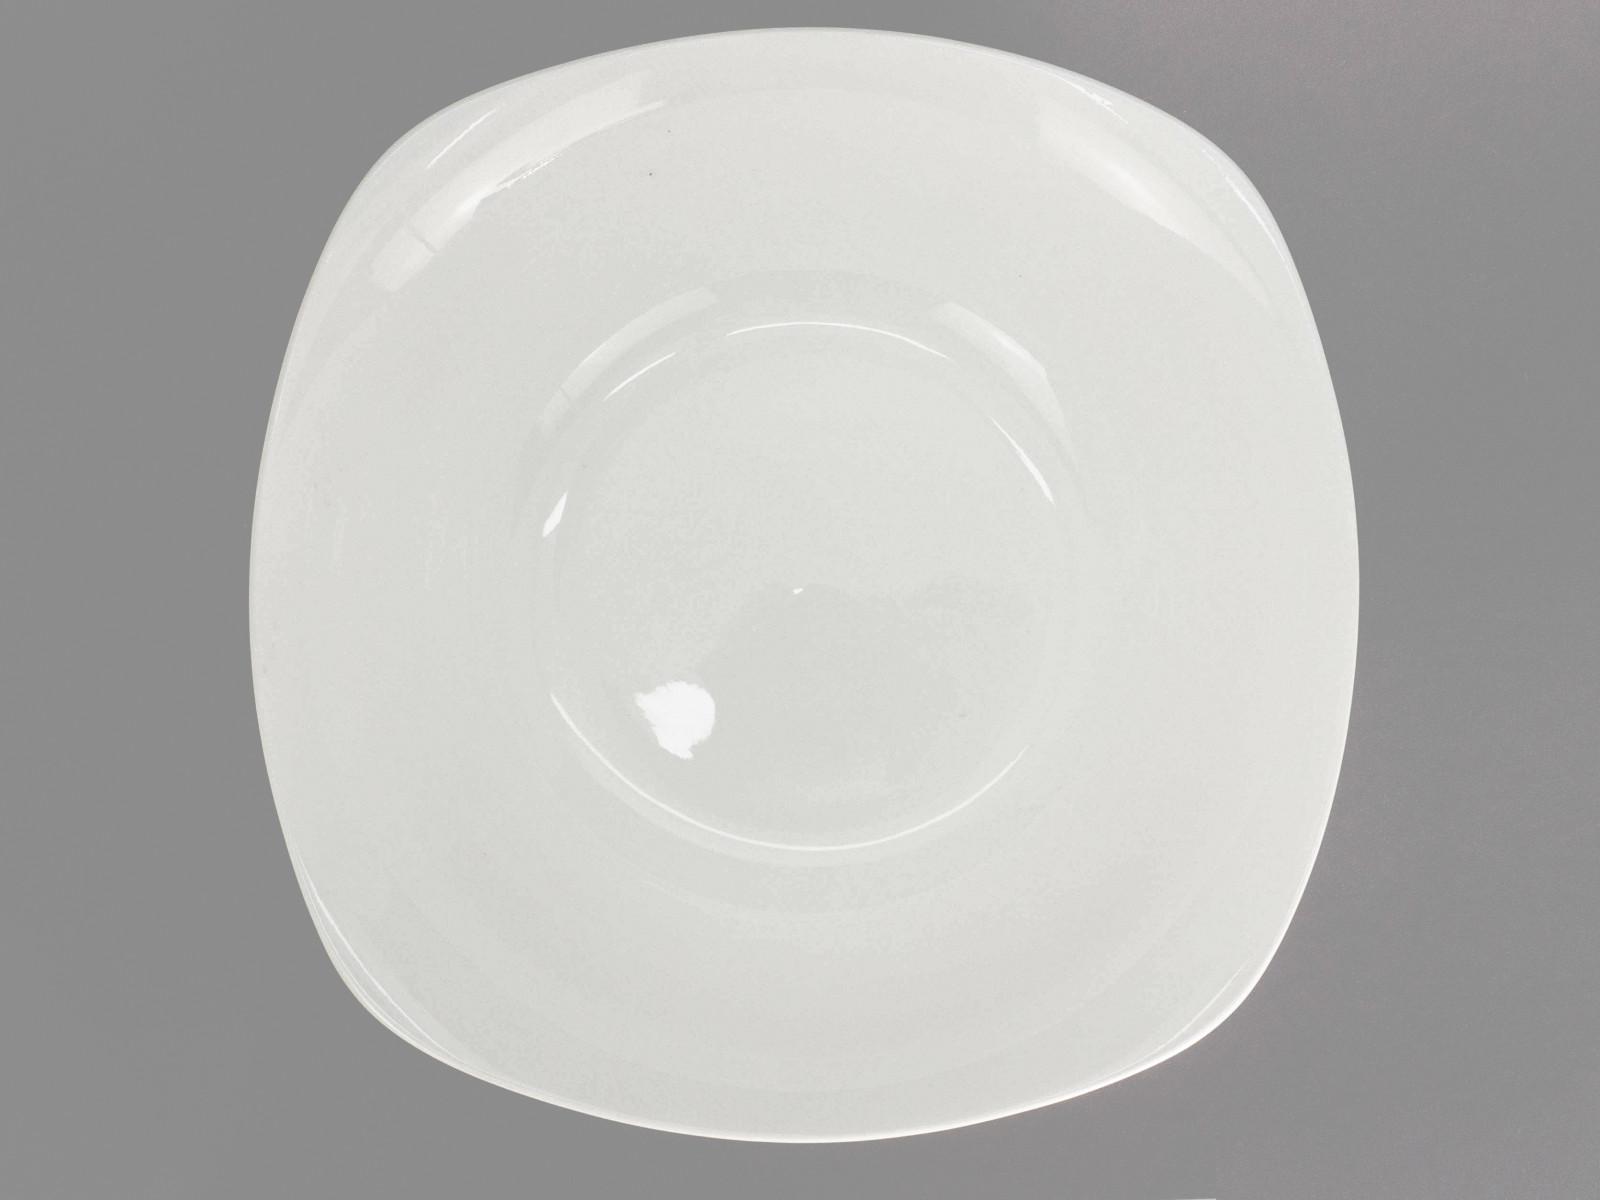 Салатник квадратний 21,5см Wilmax WL-992002